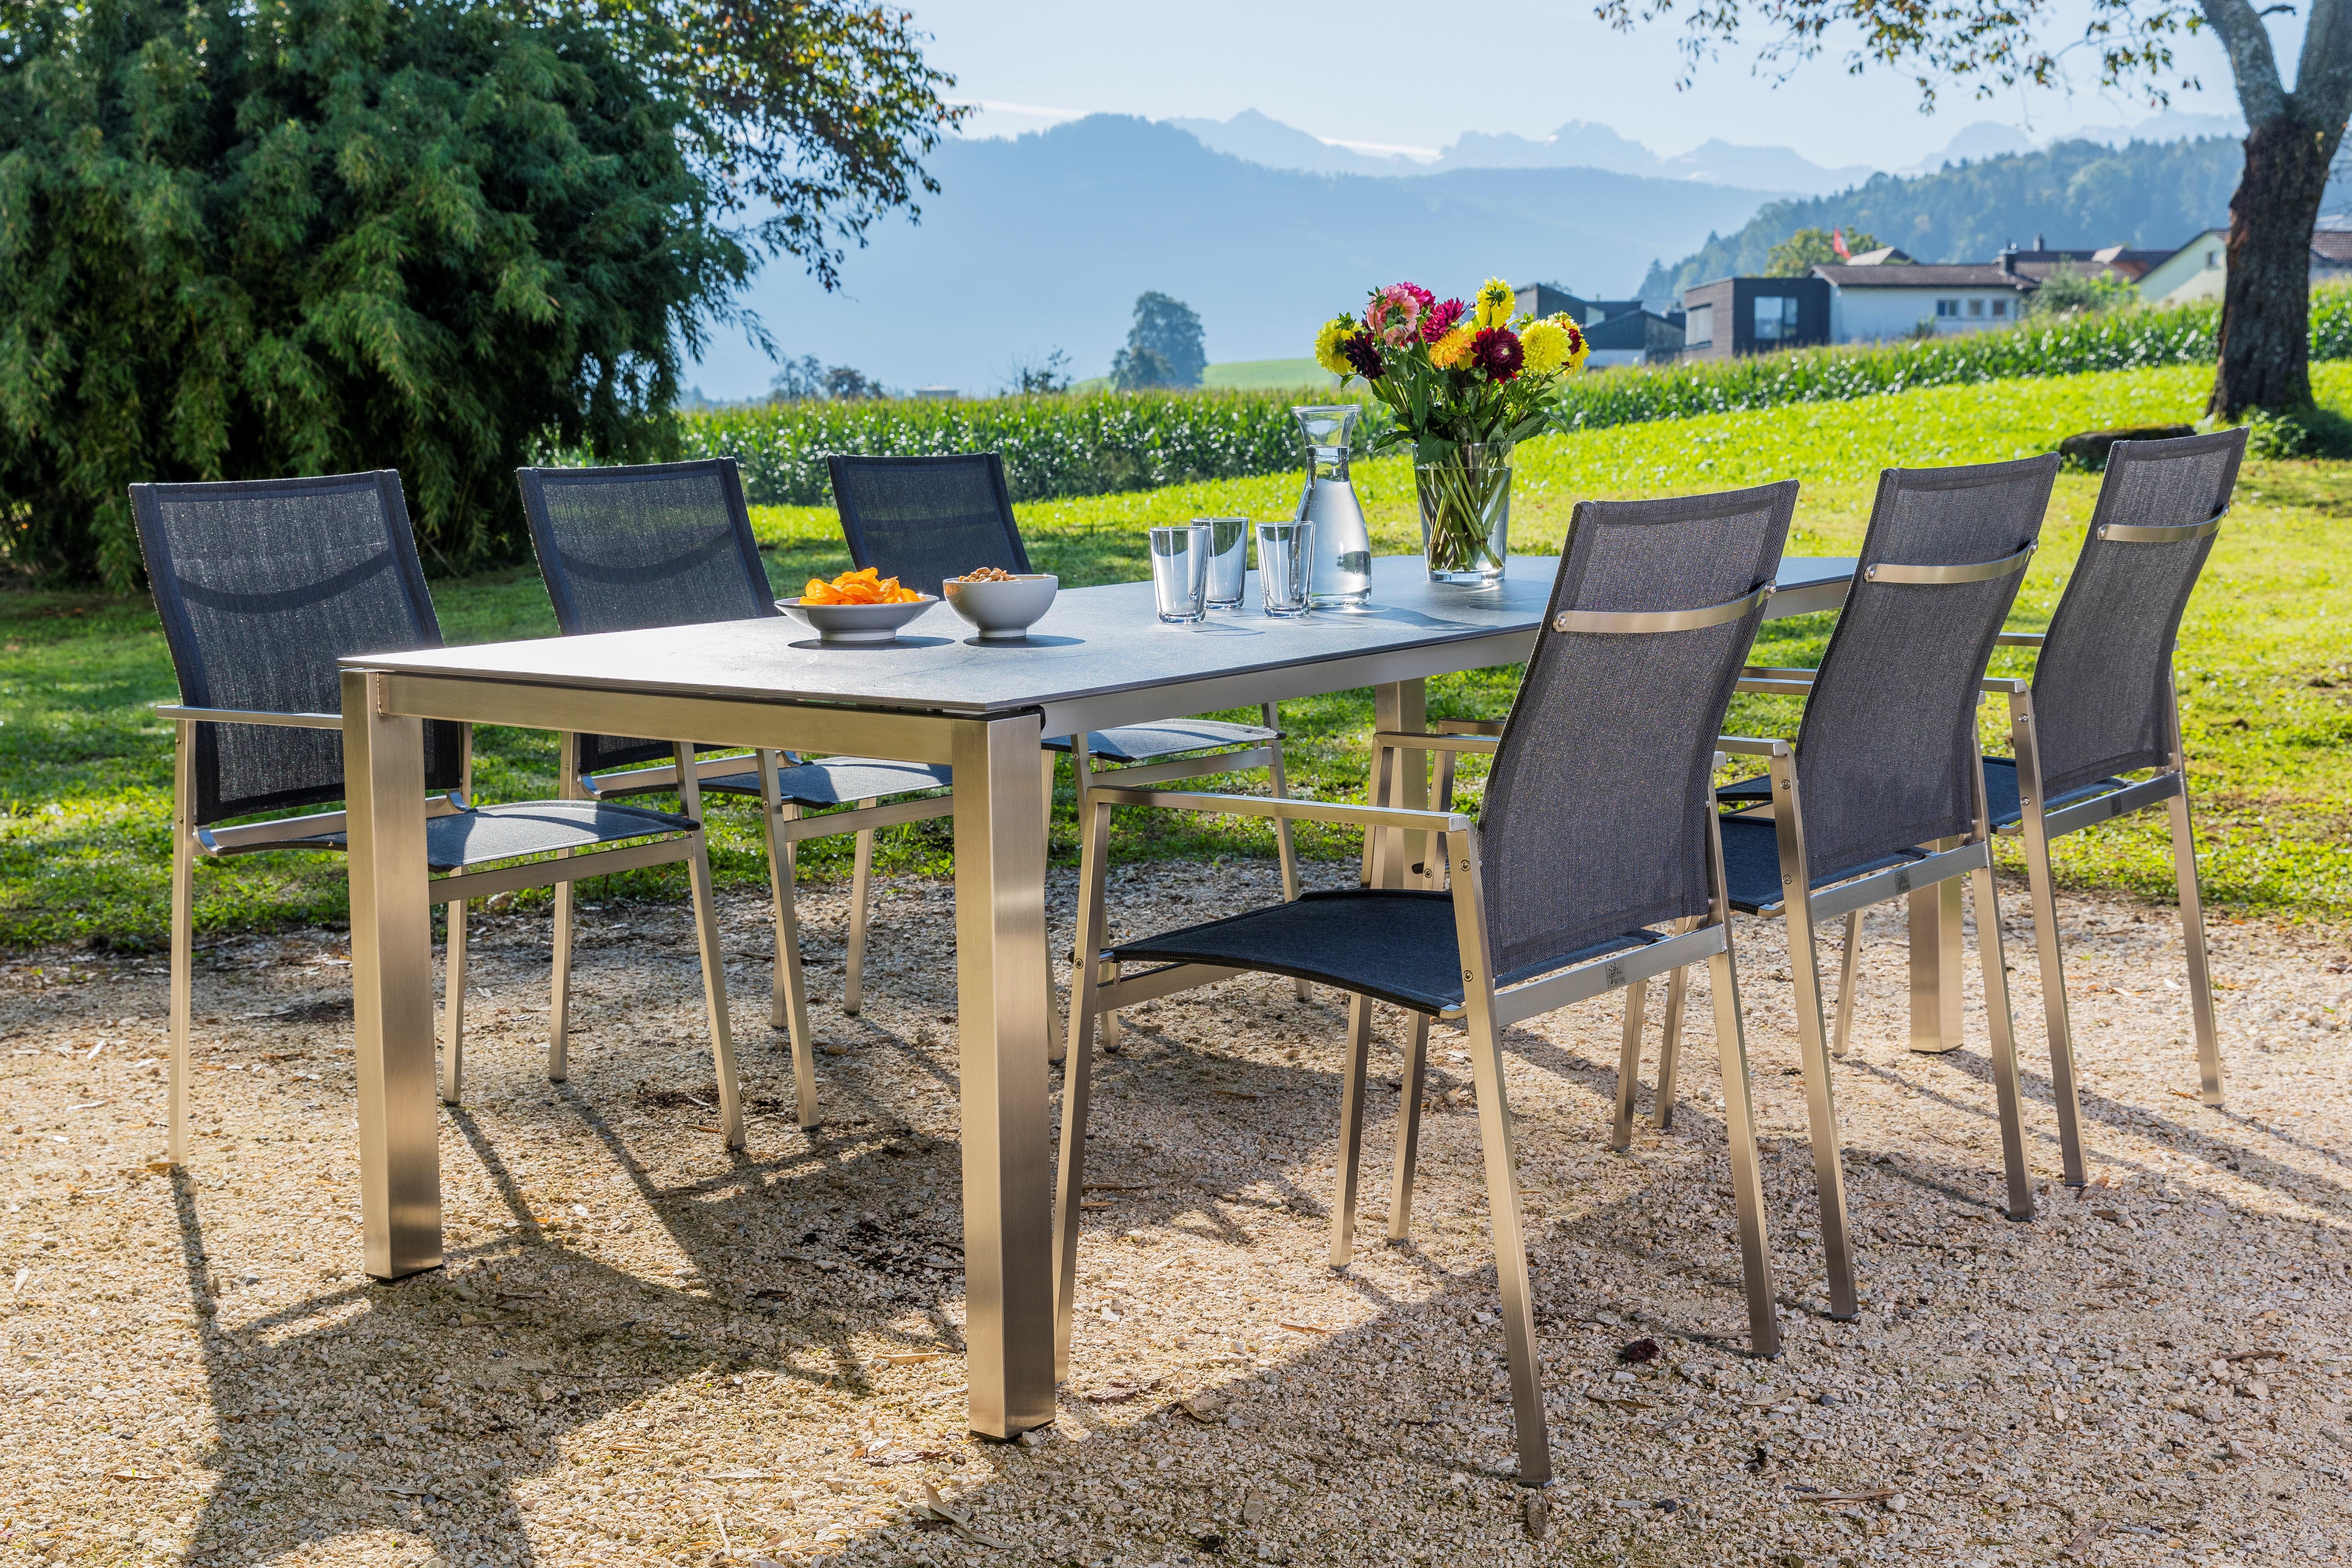 KRIENS 9330 AZ Tisch 170-220x95 Beine 80 x 50 mit Sessel RACE Niederlehner NEU 2020_AN_0843-Bearbeitet (1) - CROP